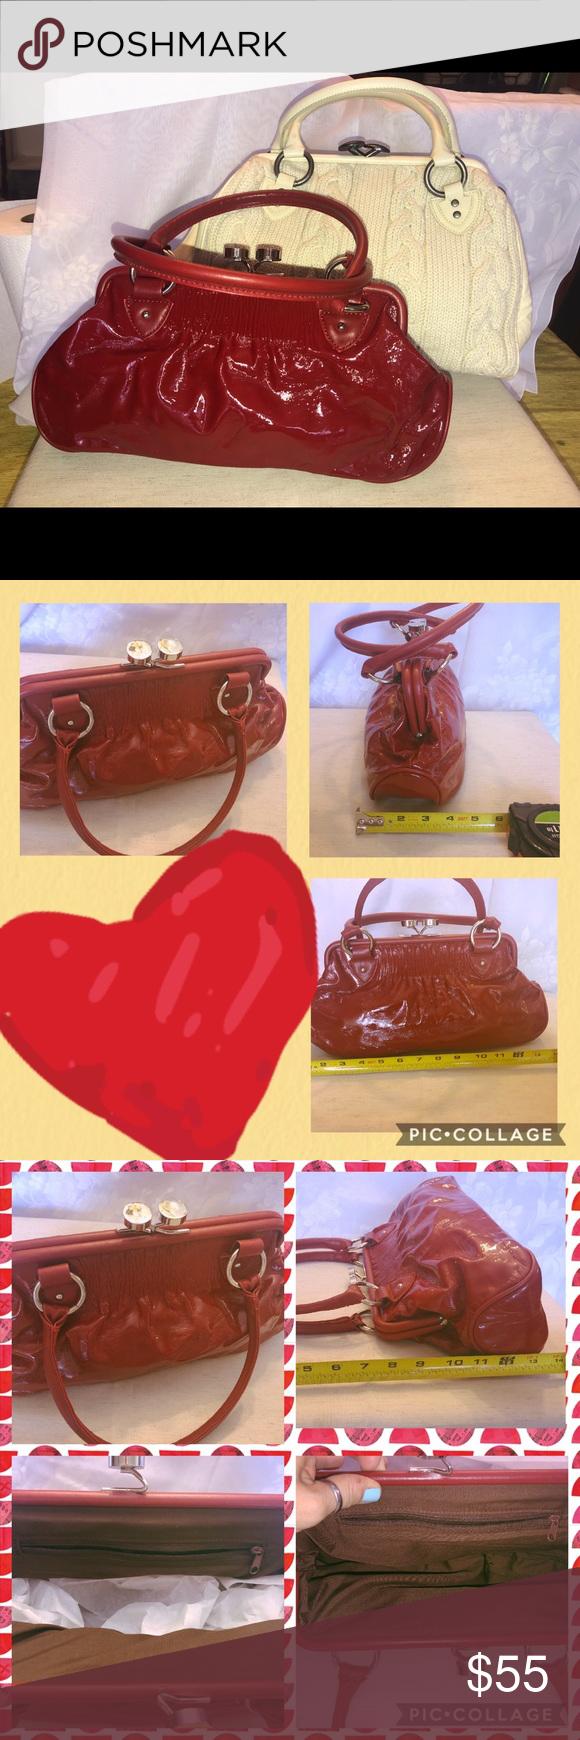 8b4d5e19cd14 HANDBAG BUNDLE   2 TOTE STYLE HANDBAGS 2 Tote-Style Handbags .1st ...